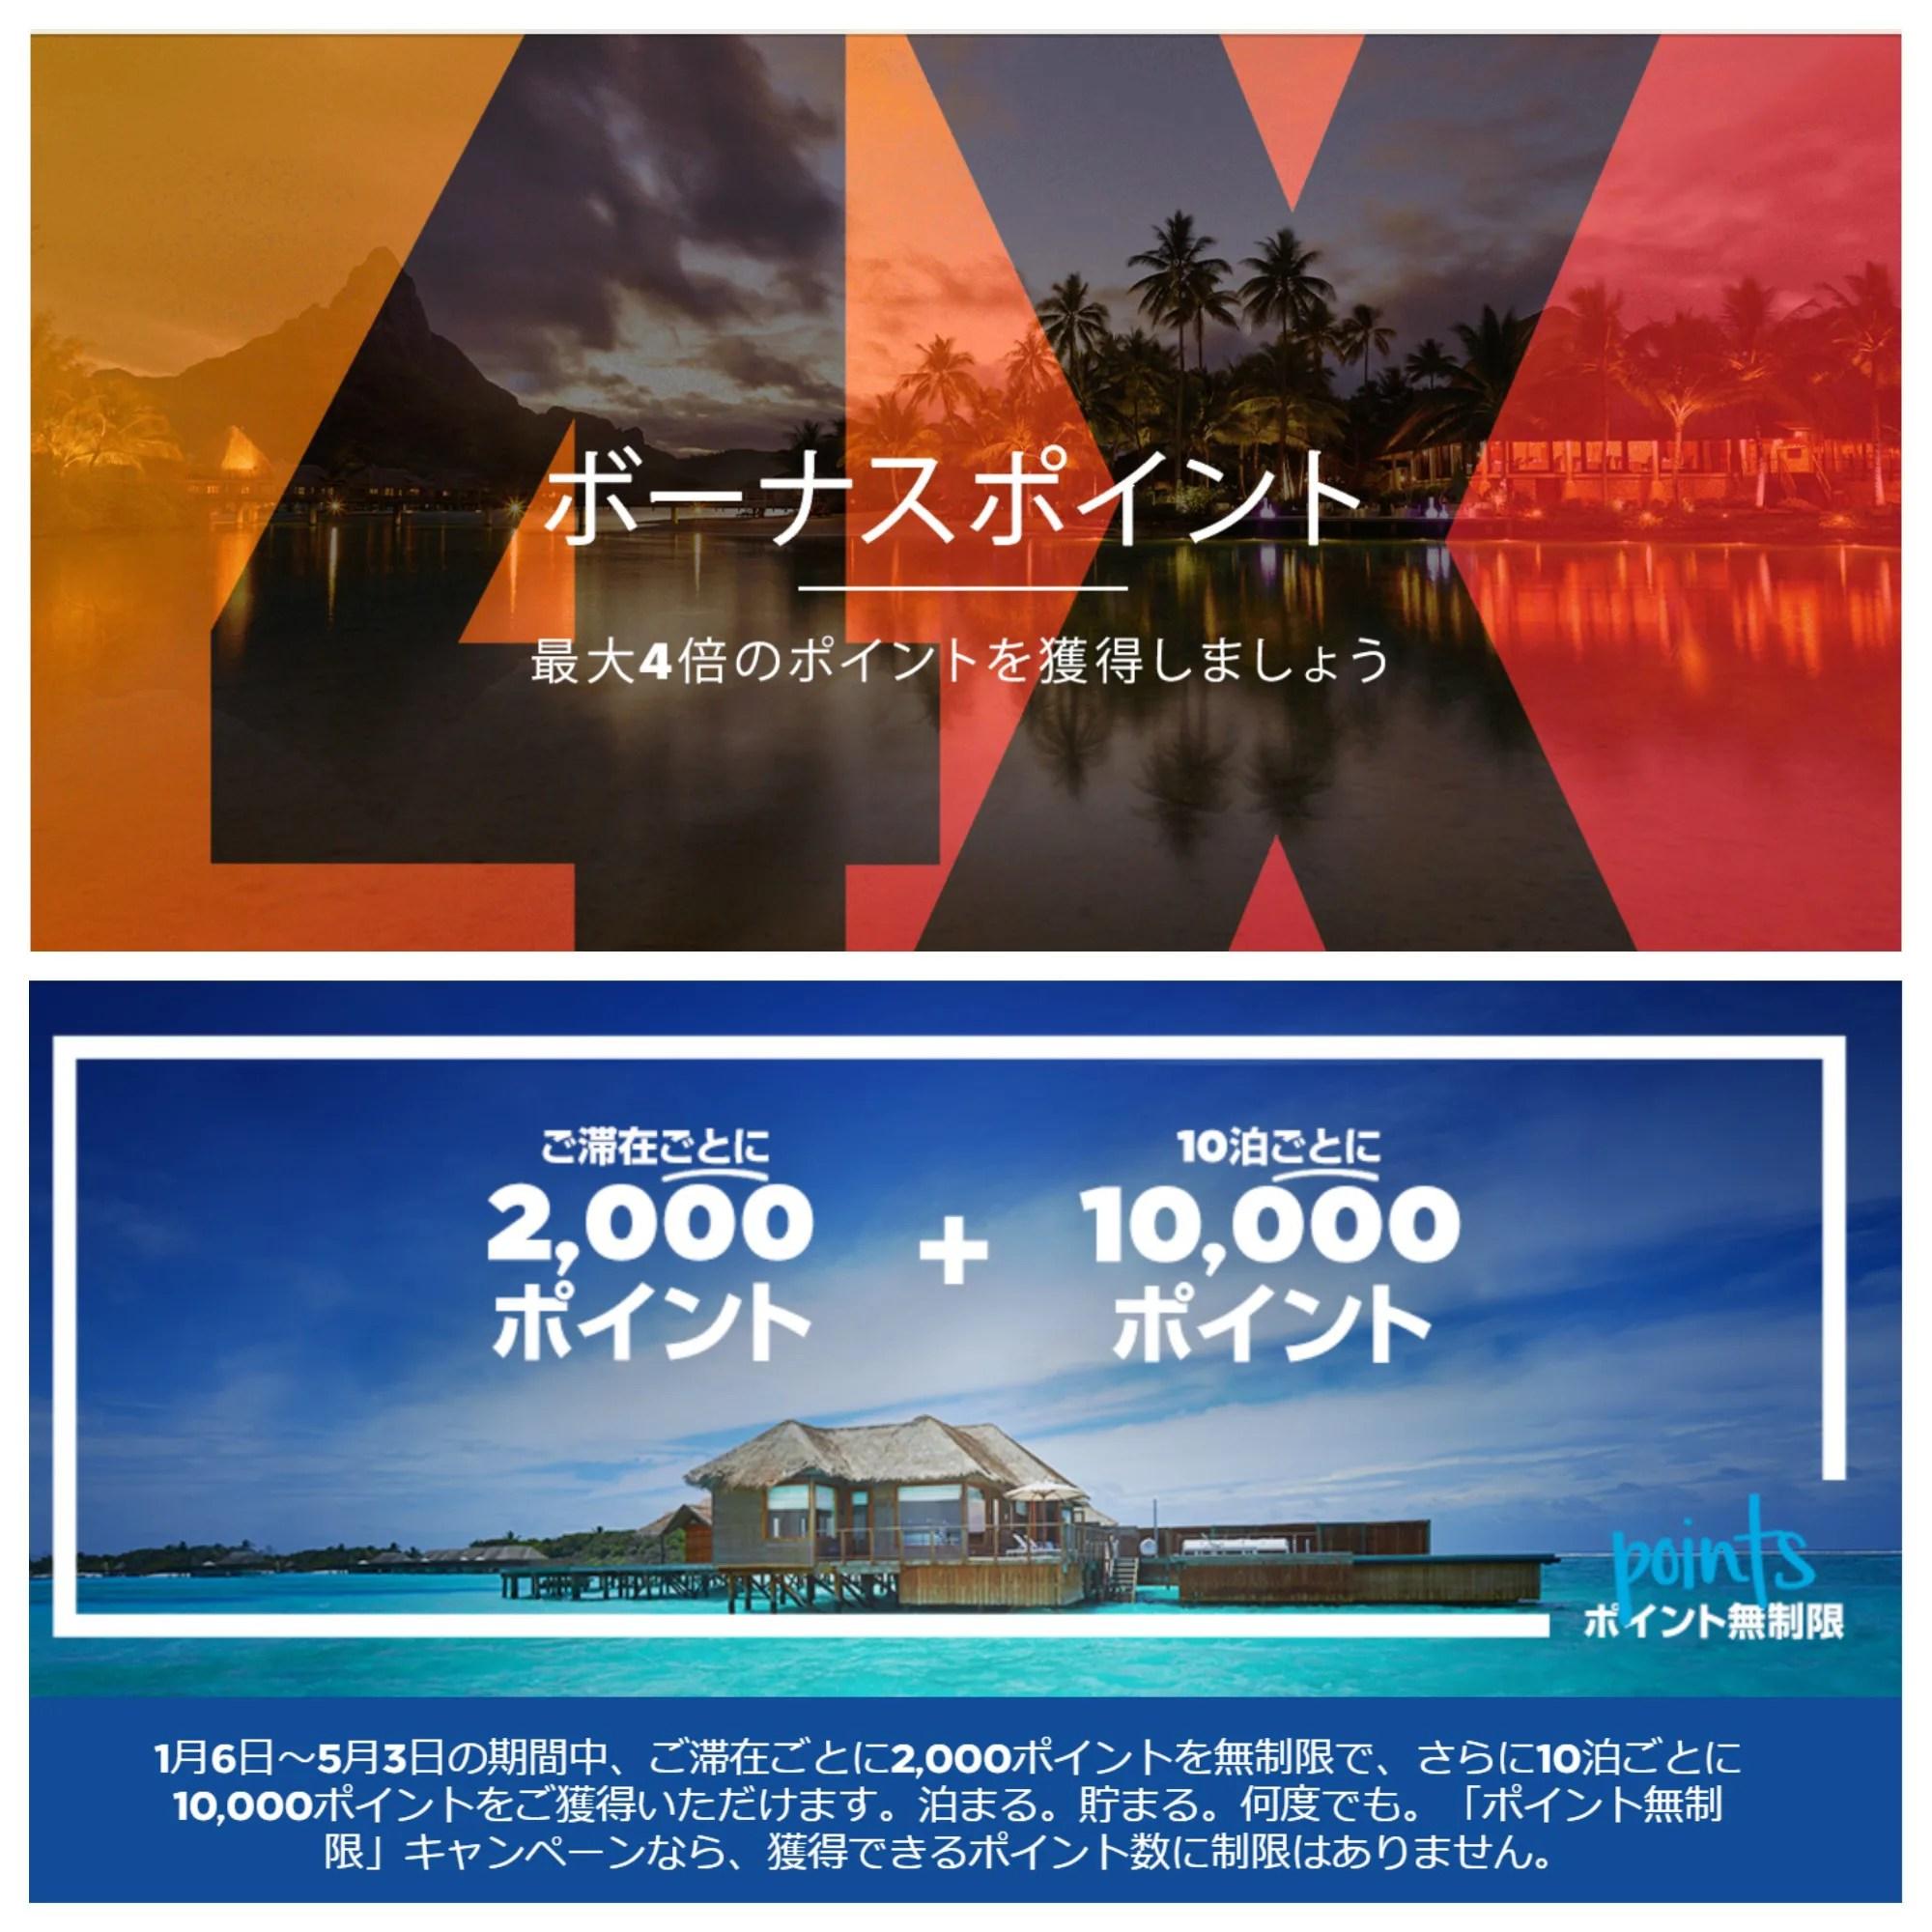 2020年1-5月ホテルキャンペーンまとめ(IHG、ヒルトン、マリオット)